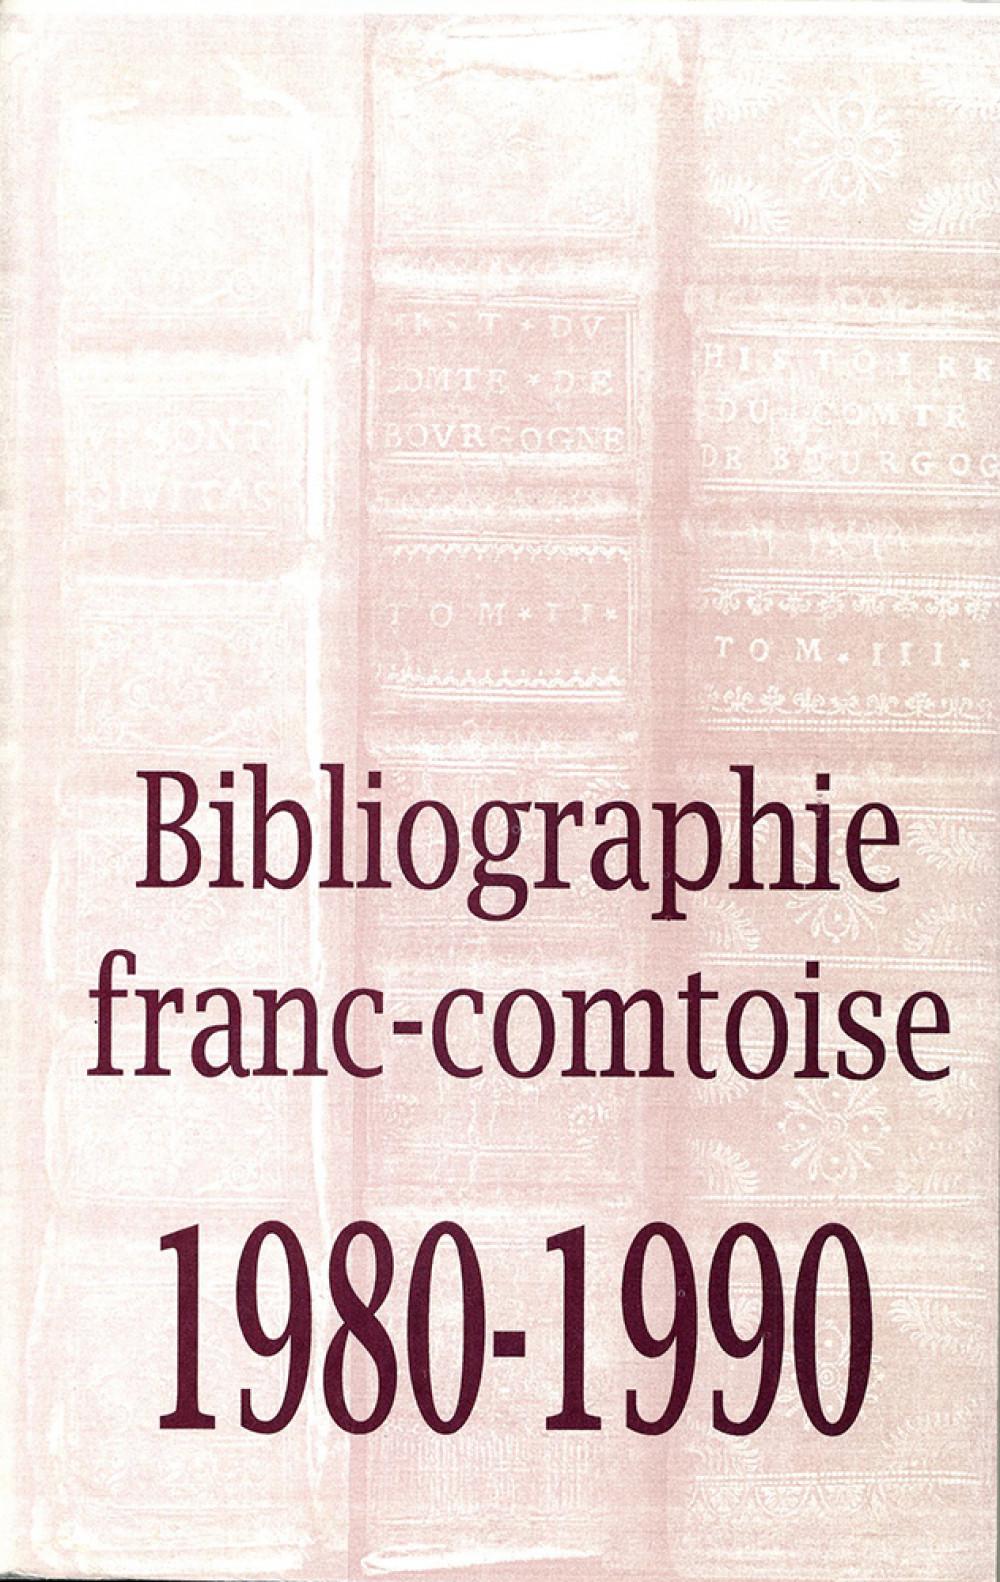 Bibliographie franc-comtoise